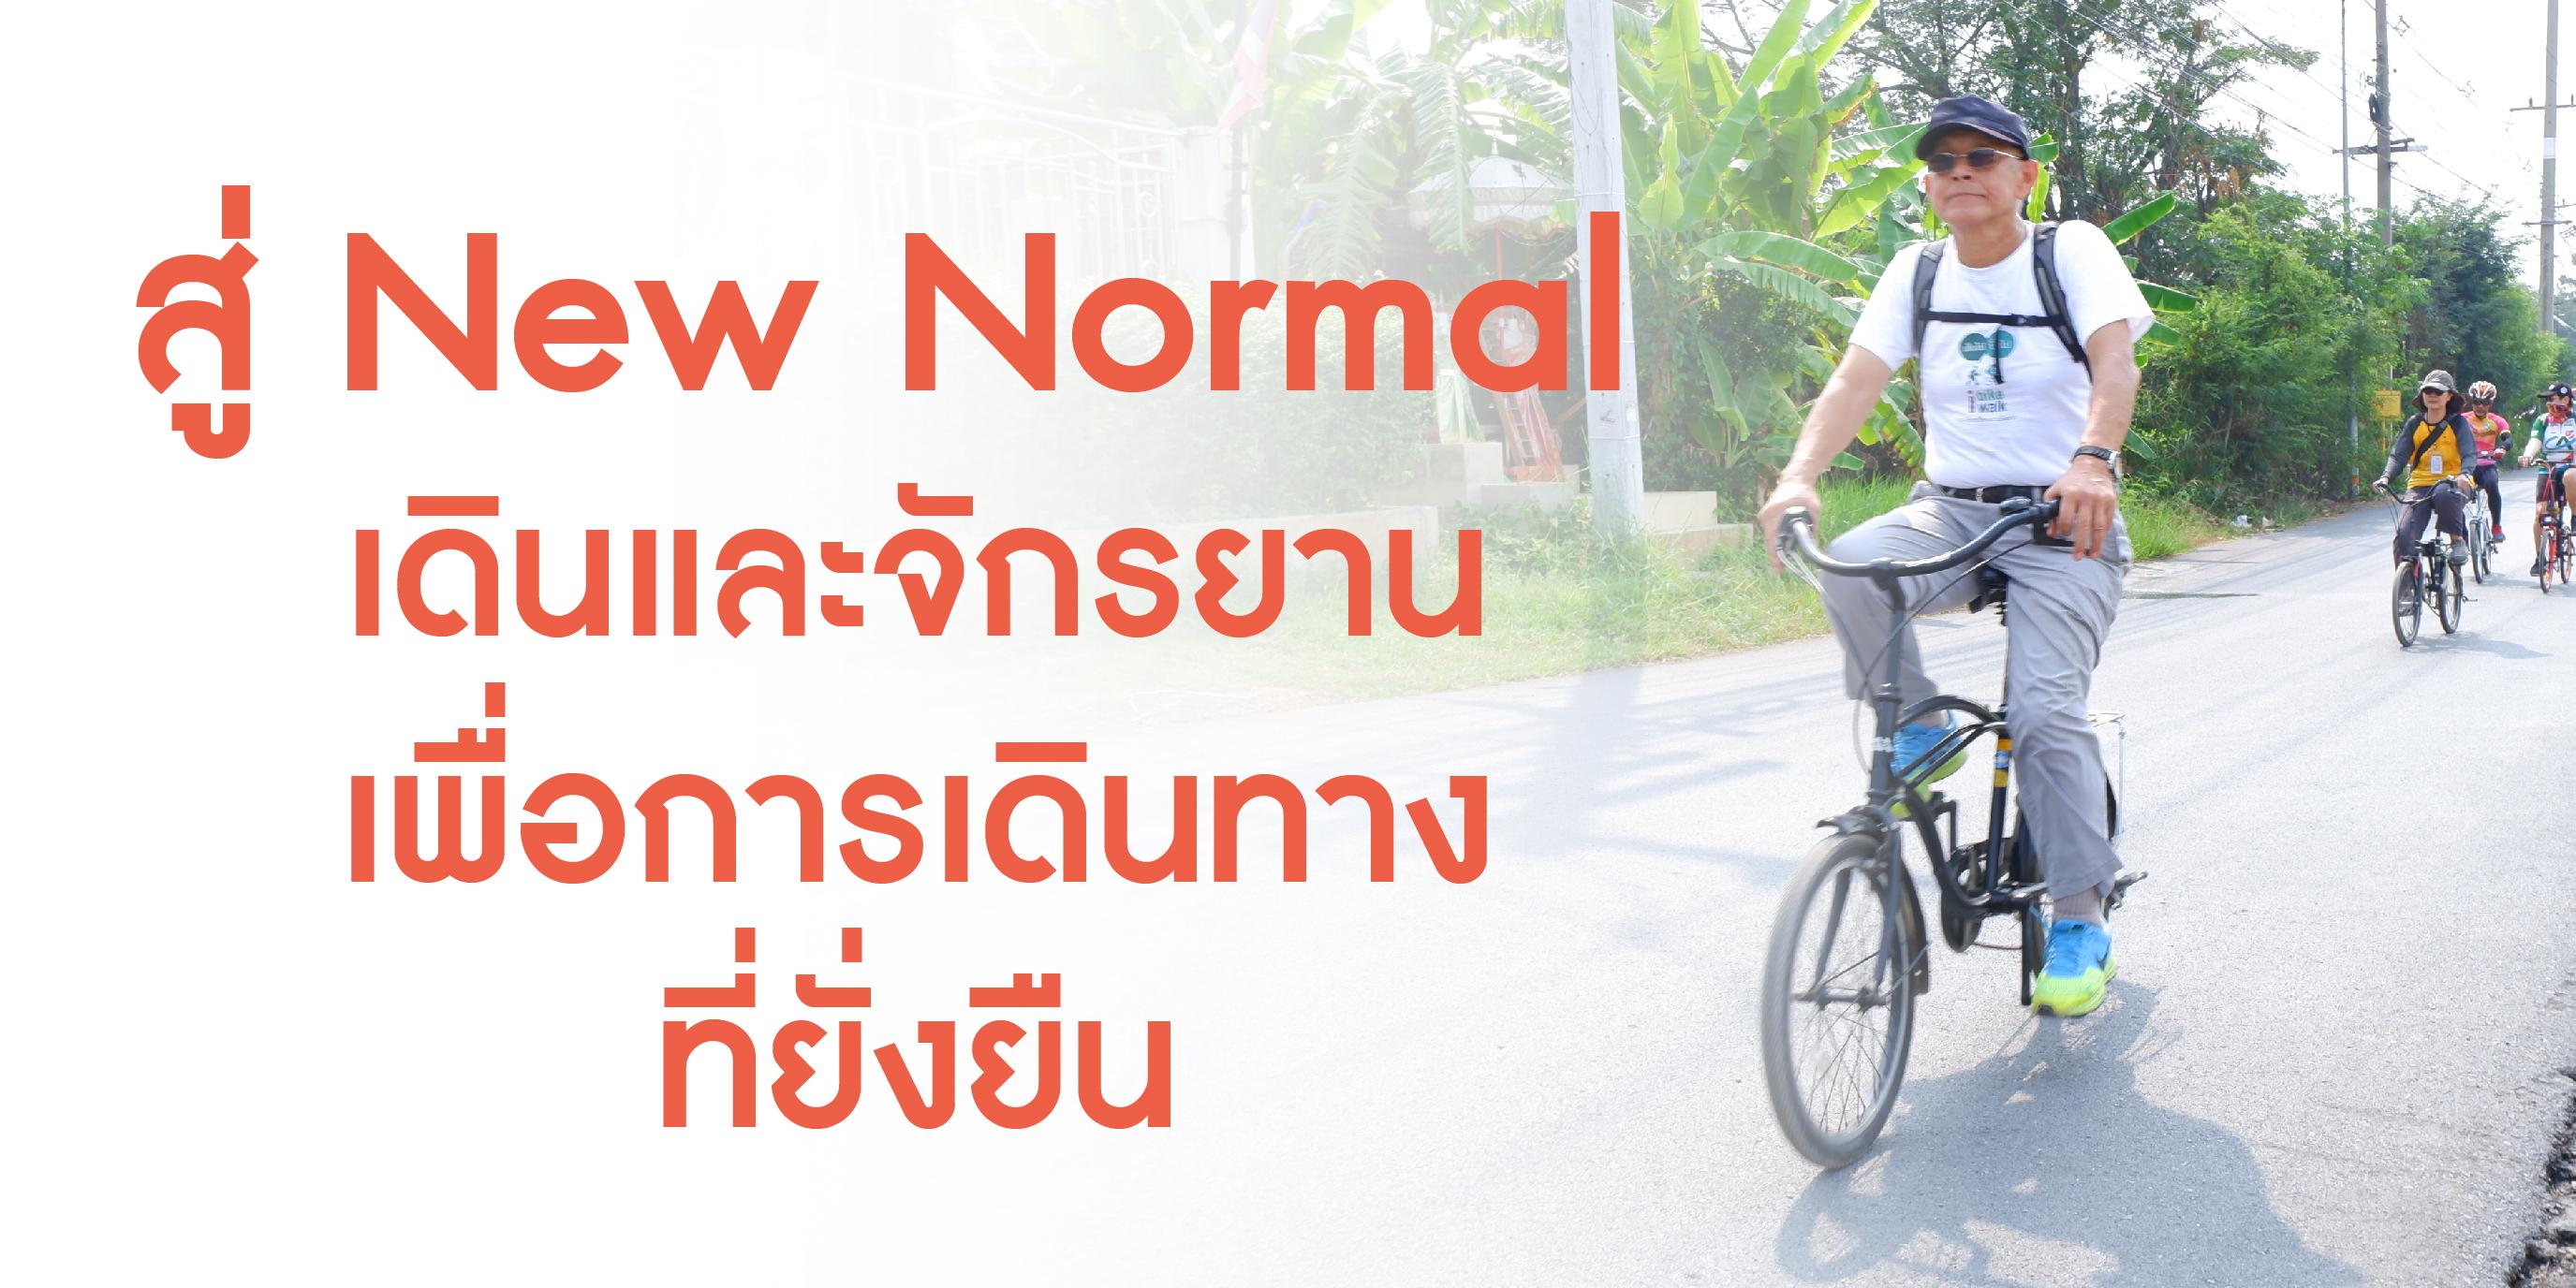 สู่ New Normal  เดินและจักรยานเพื่อการเดินทางที่ยั่งยืน